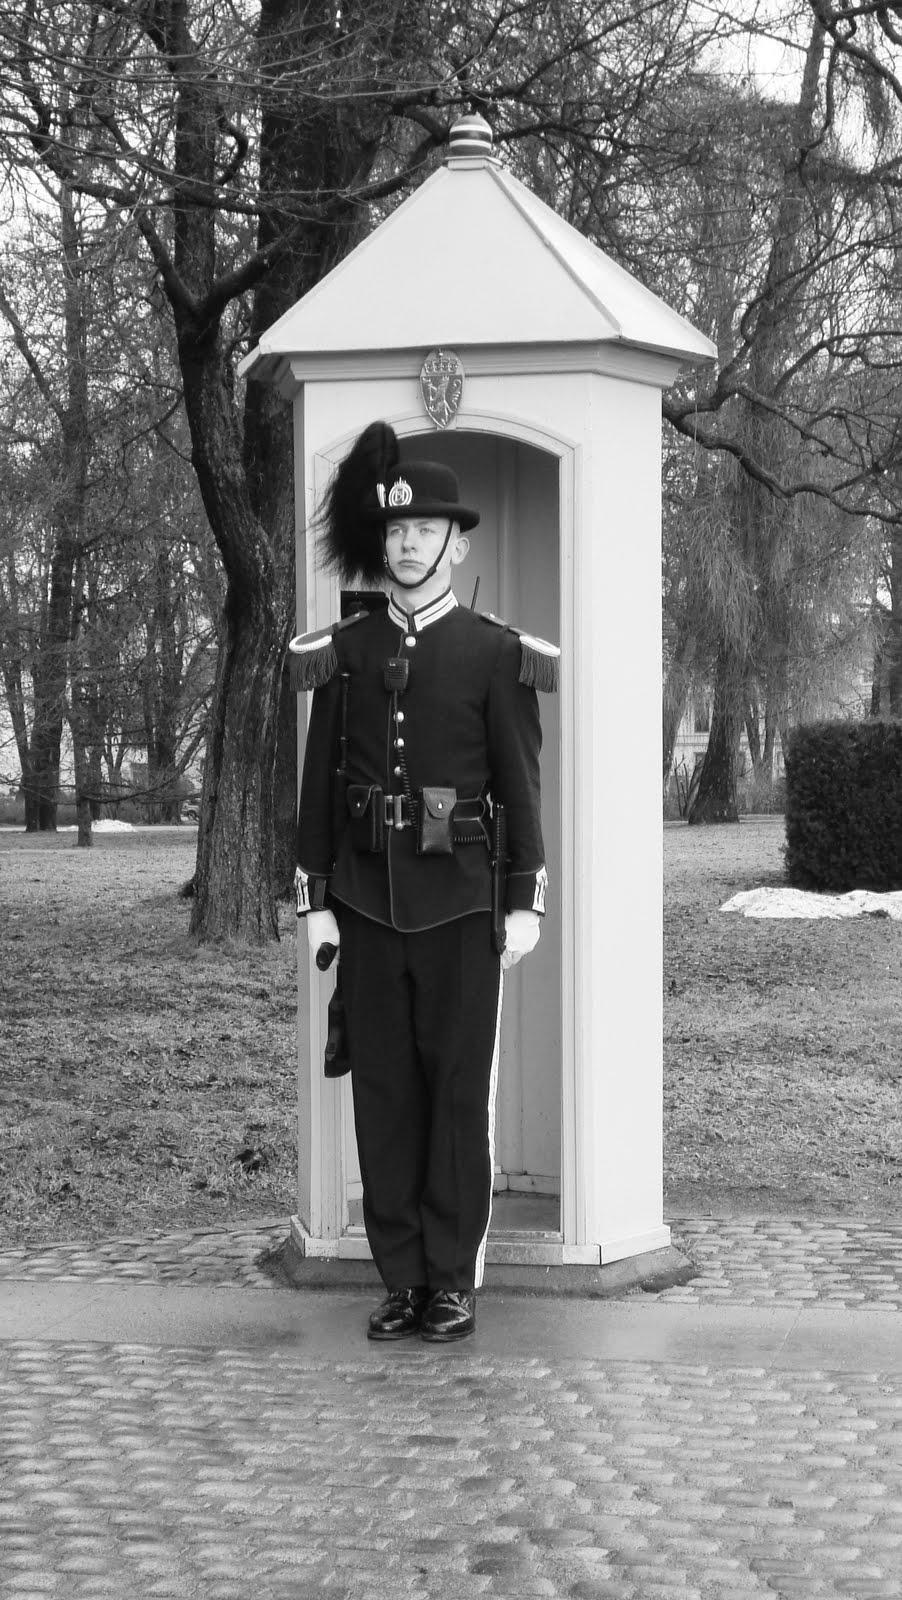 voyage en norv ge la garde royale s 39 il vous plait. Black Bedroom Furniture Sets. Home Design Ideas